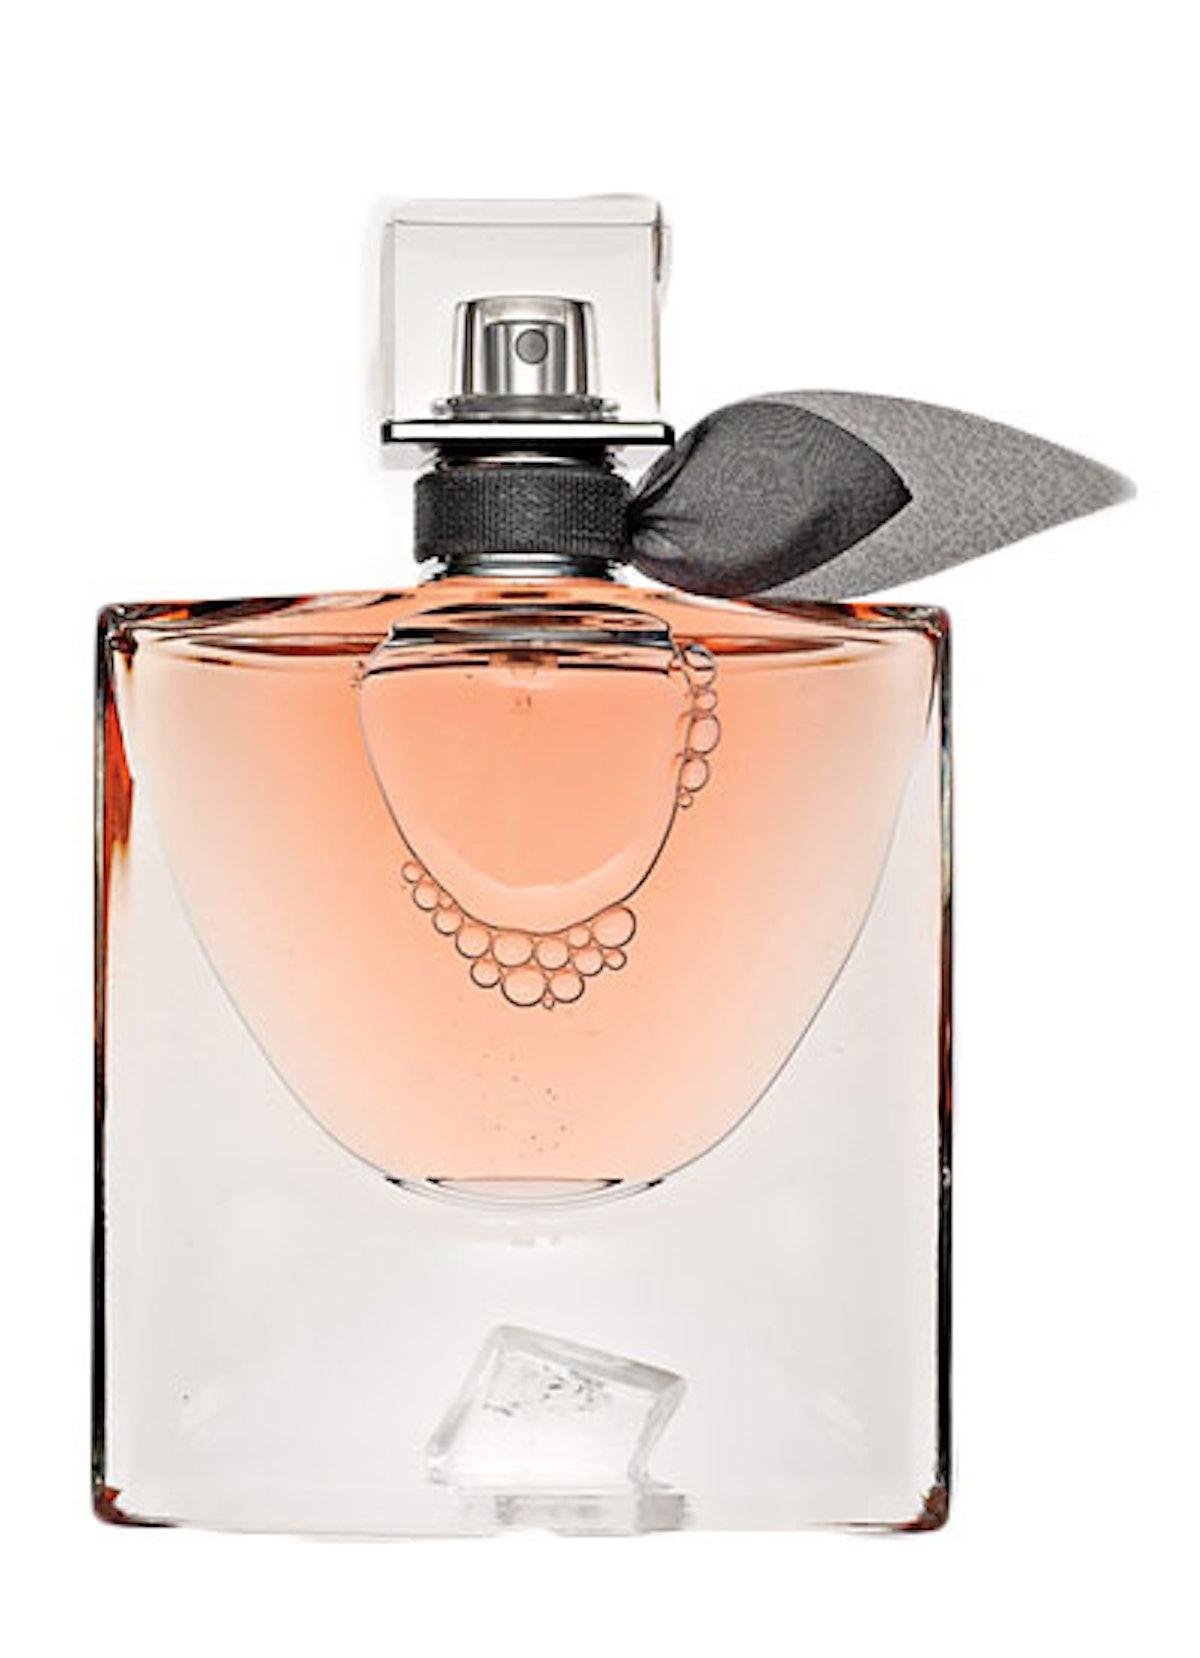 bess-fall-fragrances-03-v.jpg